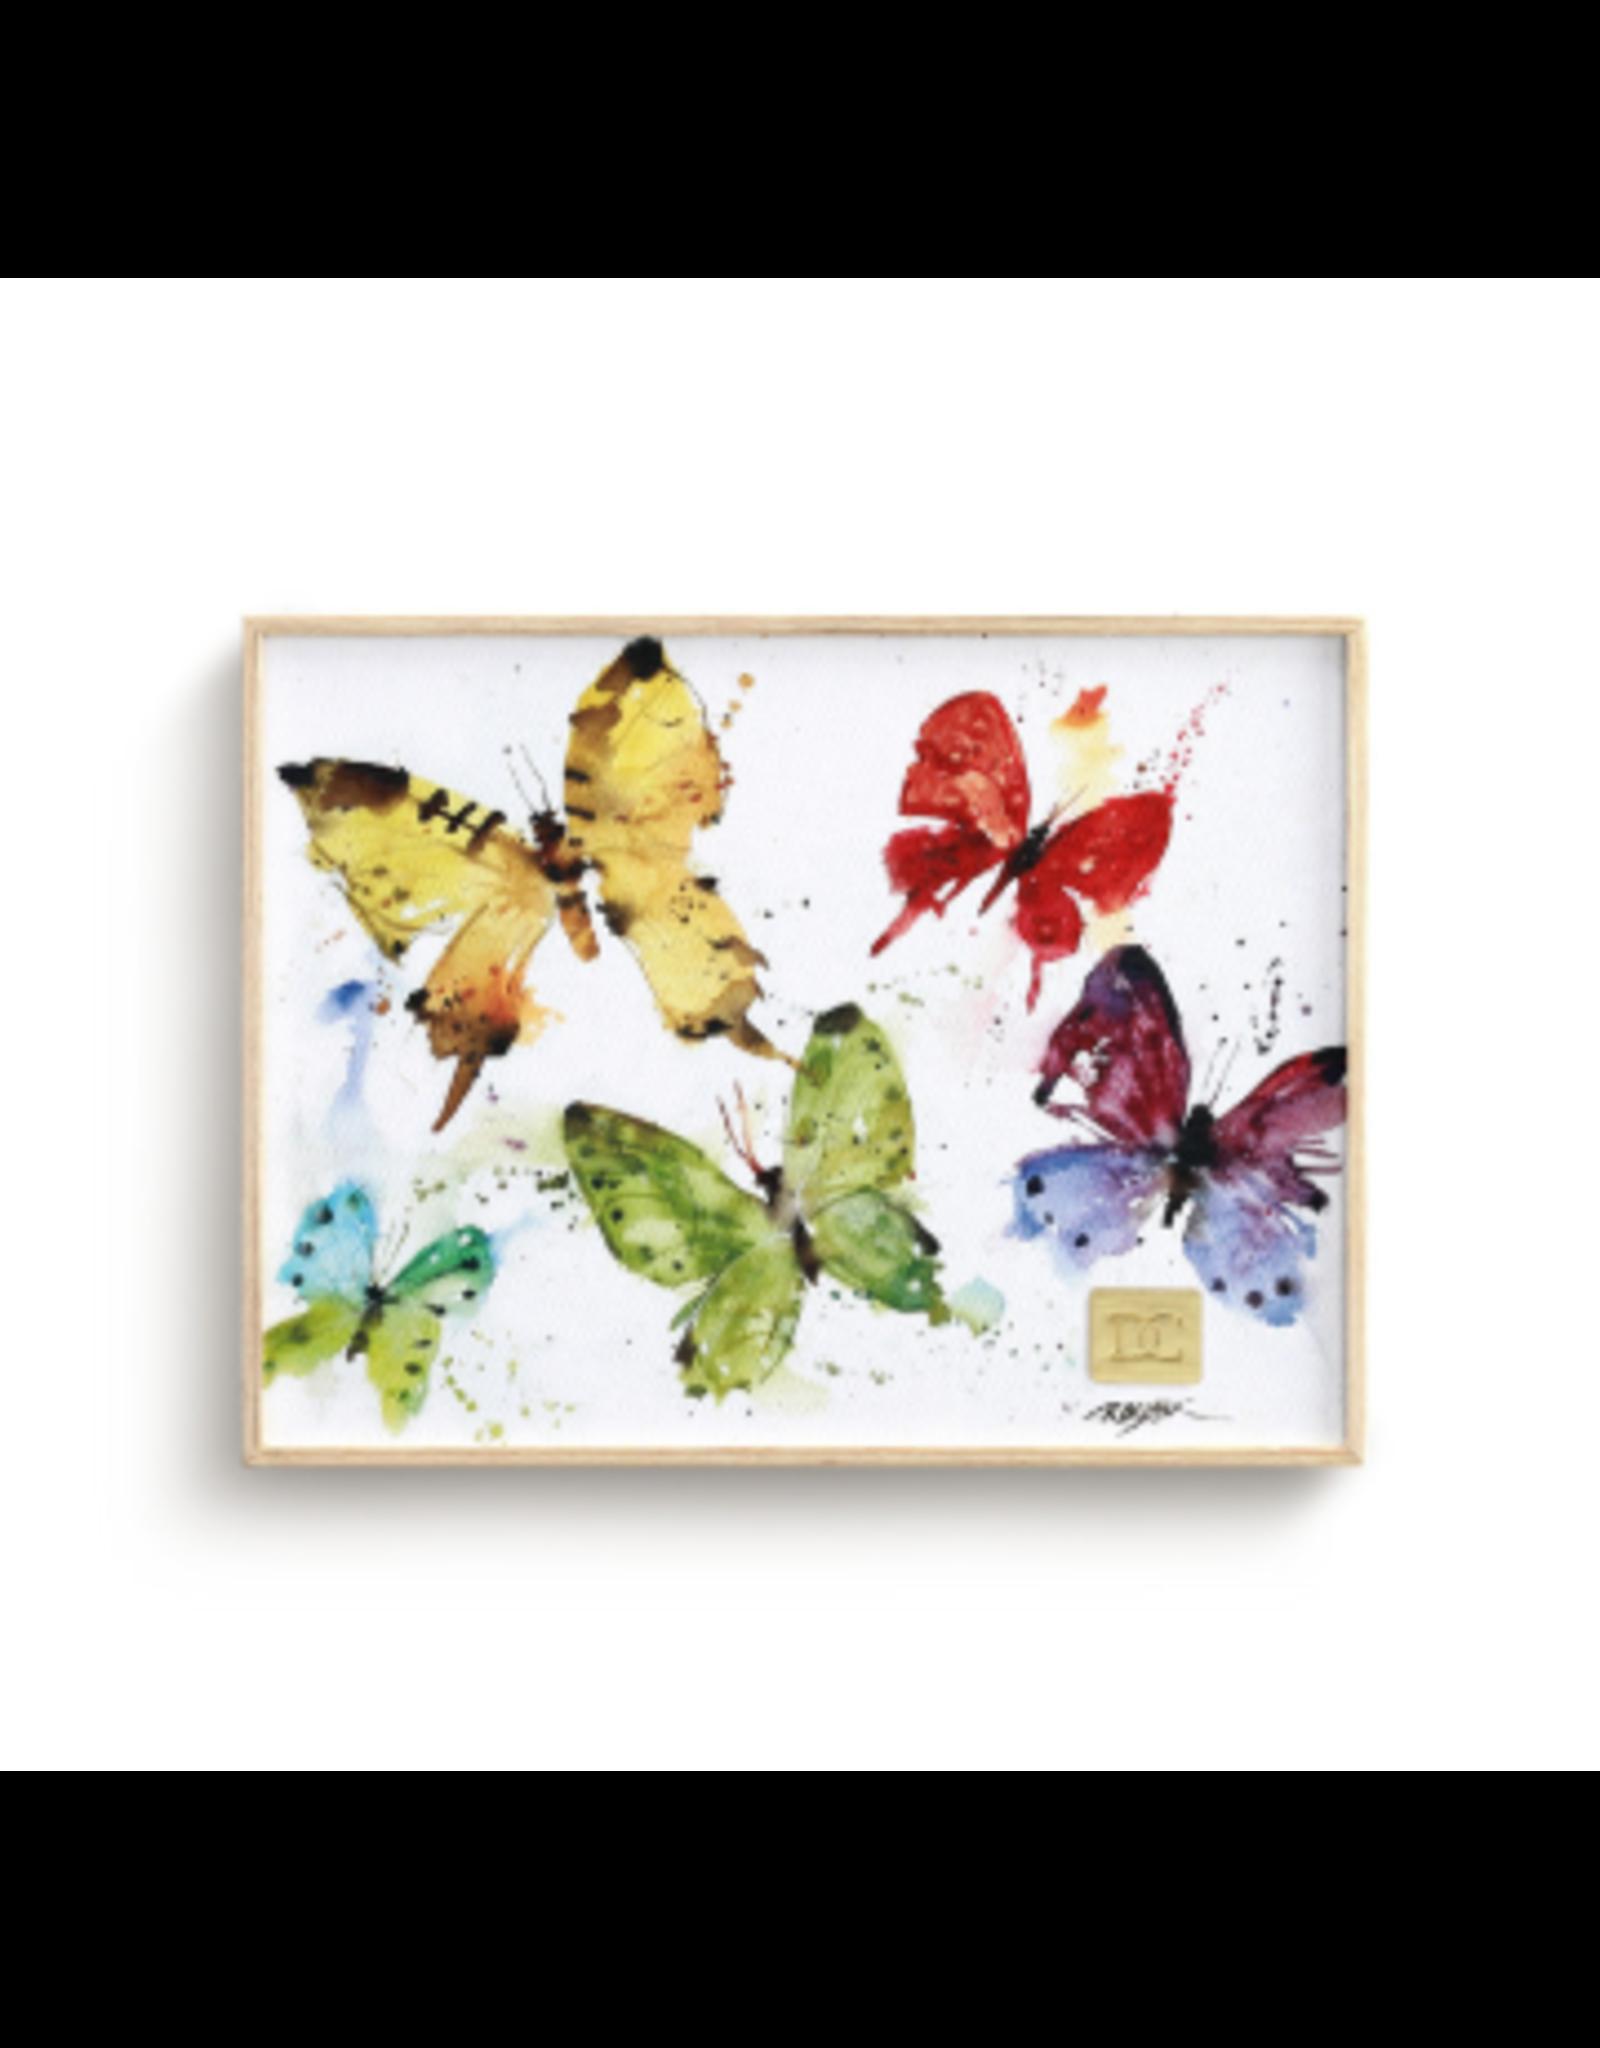 Demdaco FLOCK OF BUTTERFLIES WALL ART